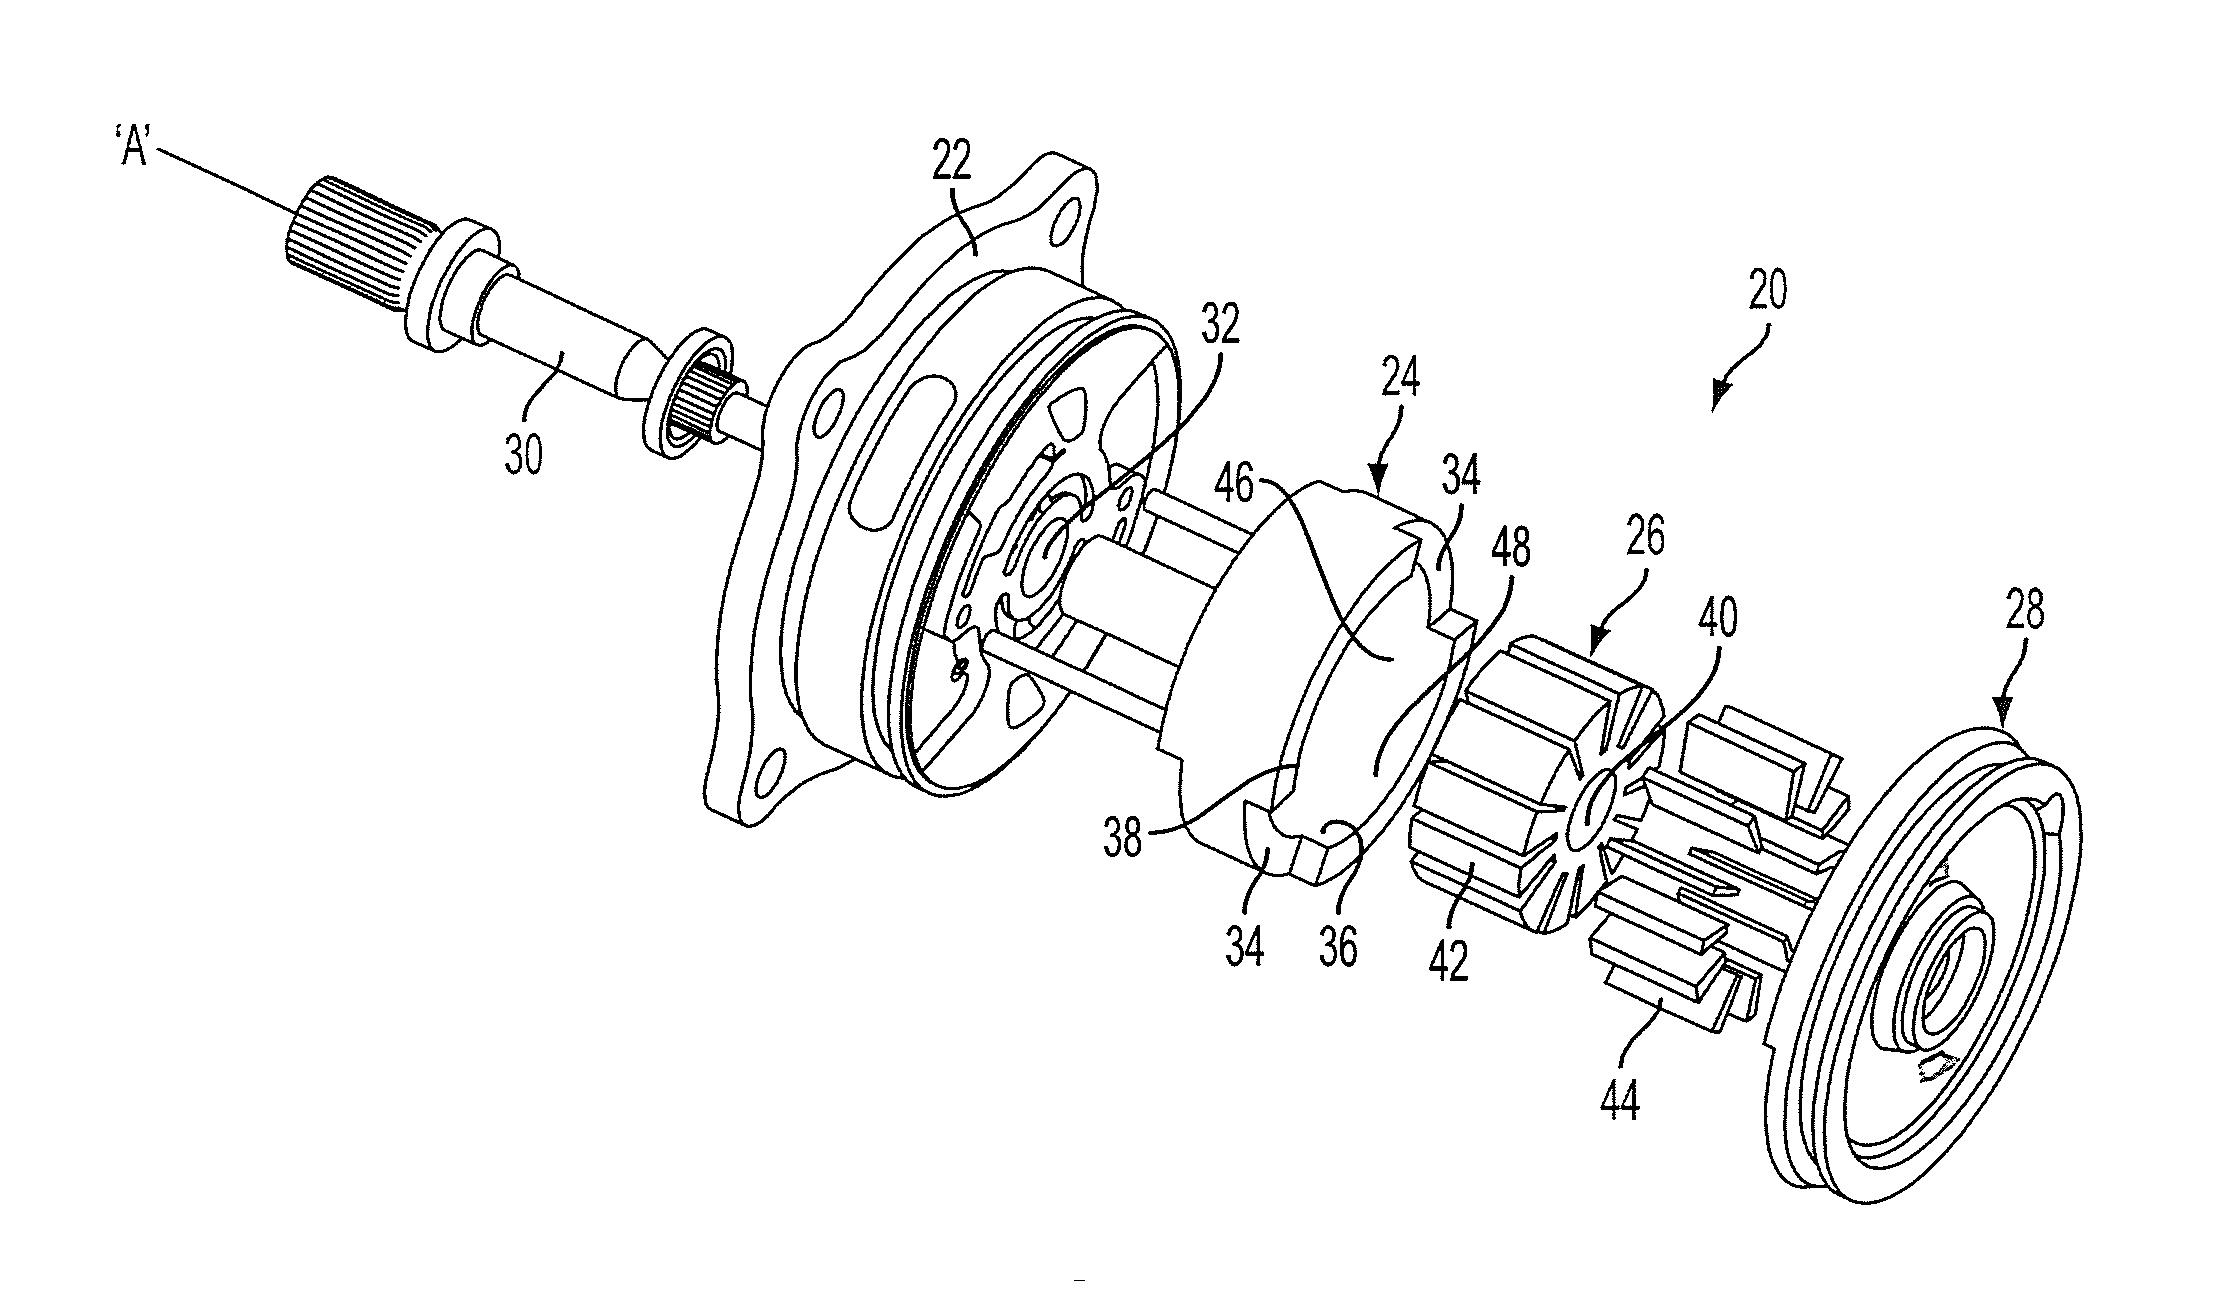 diagram as well as ao smith pool pump motor wiring diagram moreover ao